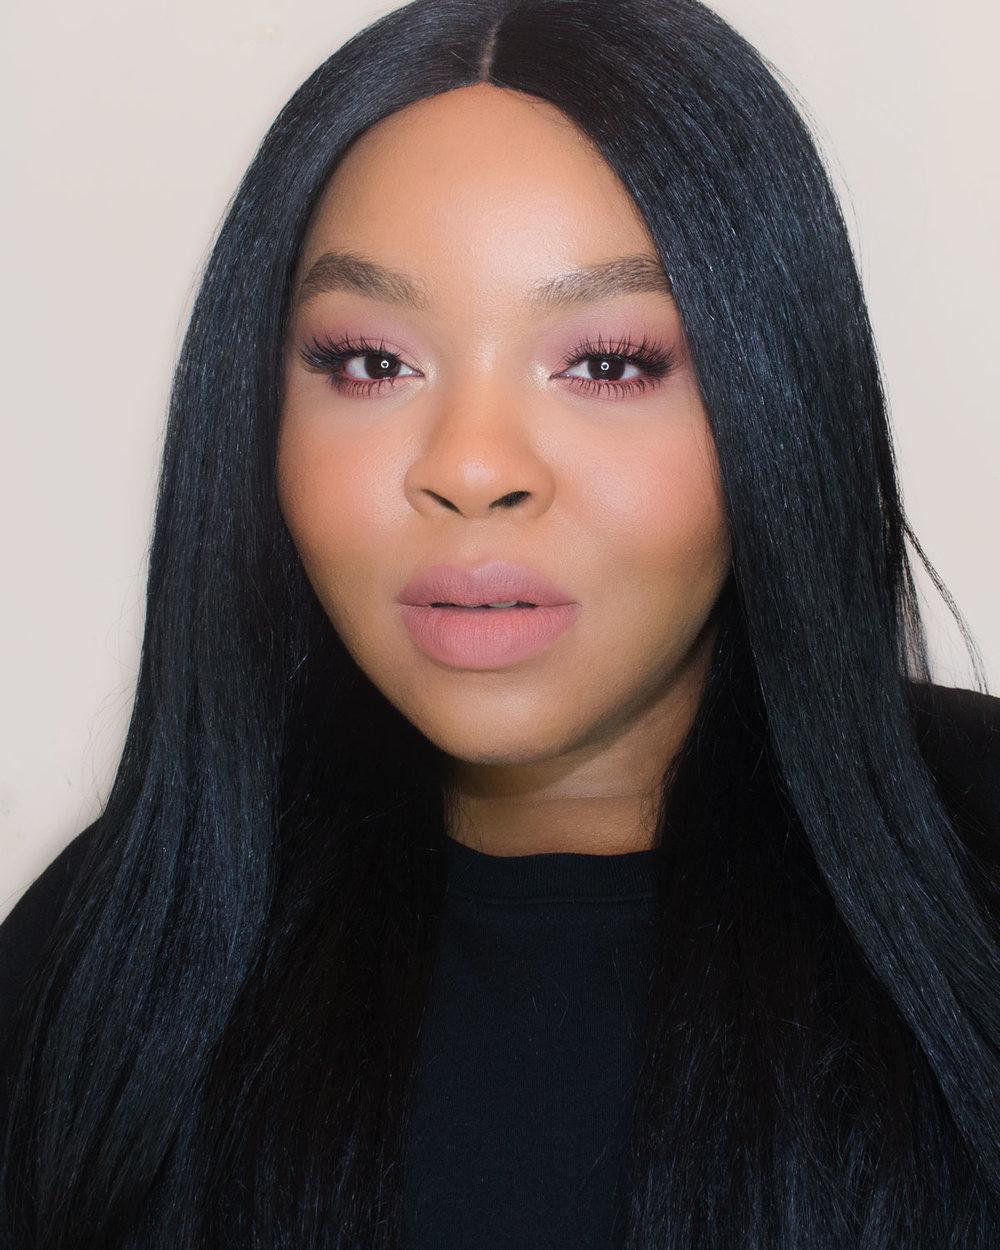 Anastasia Beverly Hills Matte Lipstick Swatch Staunch